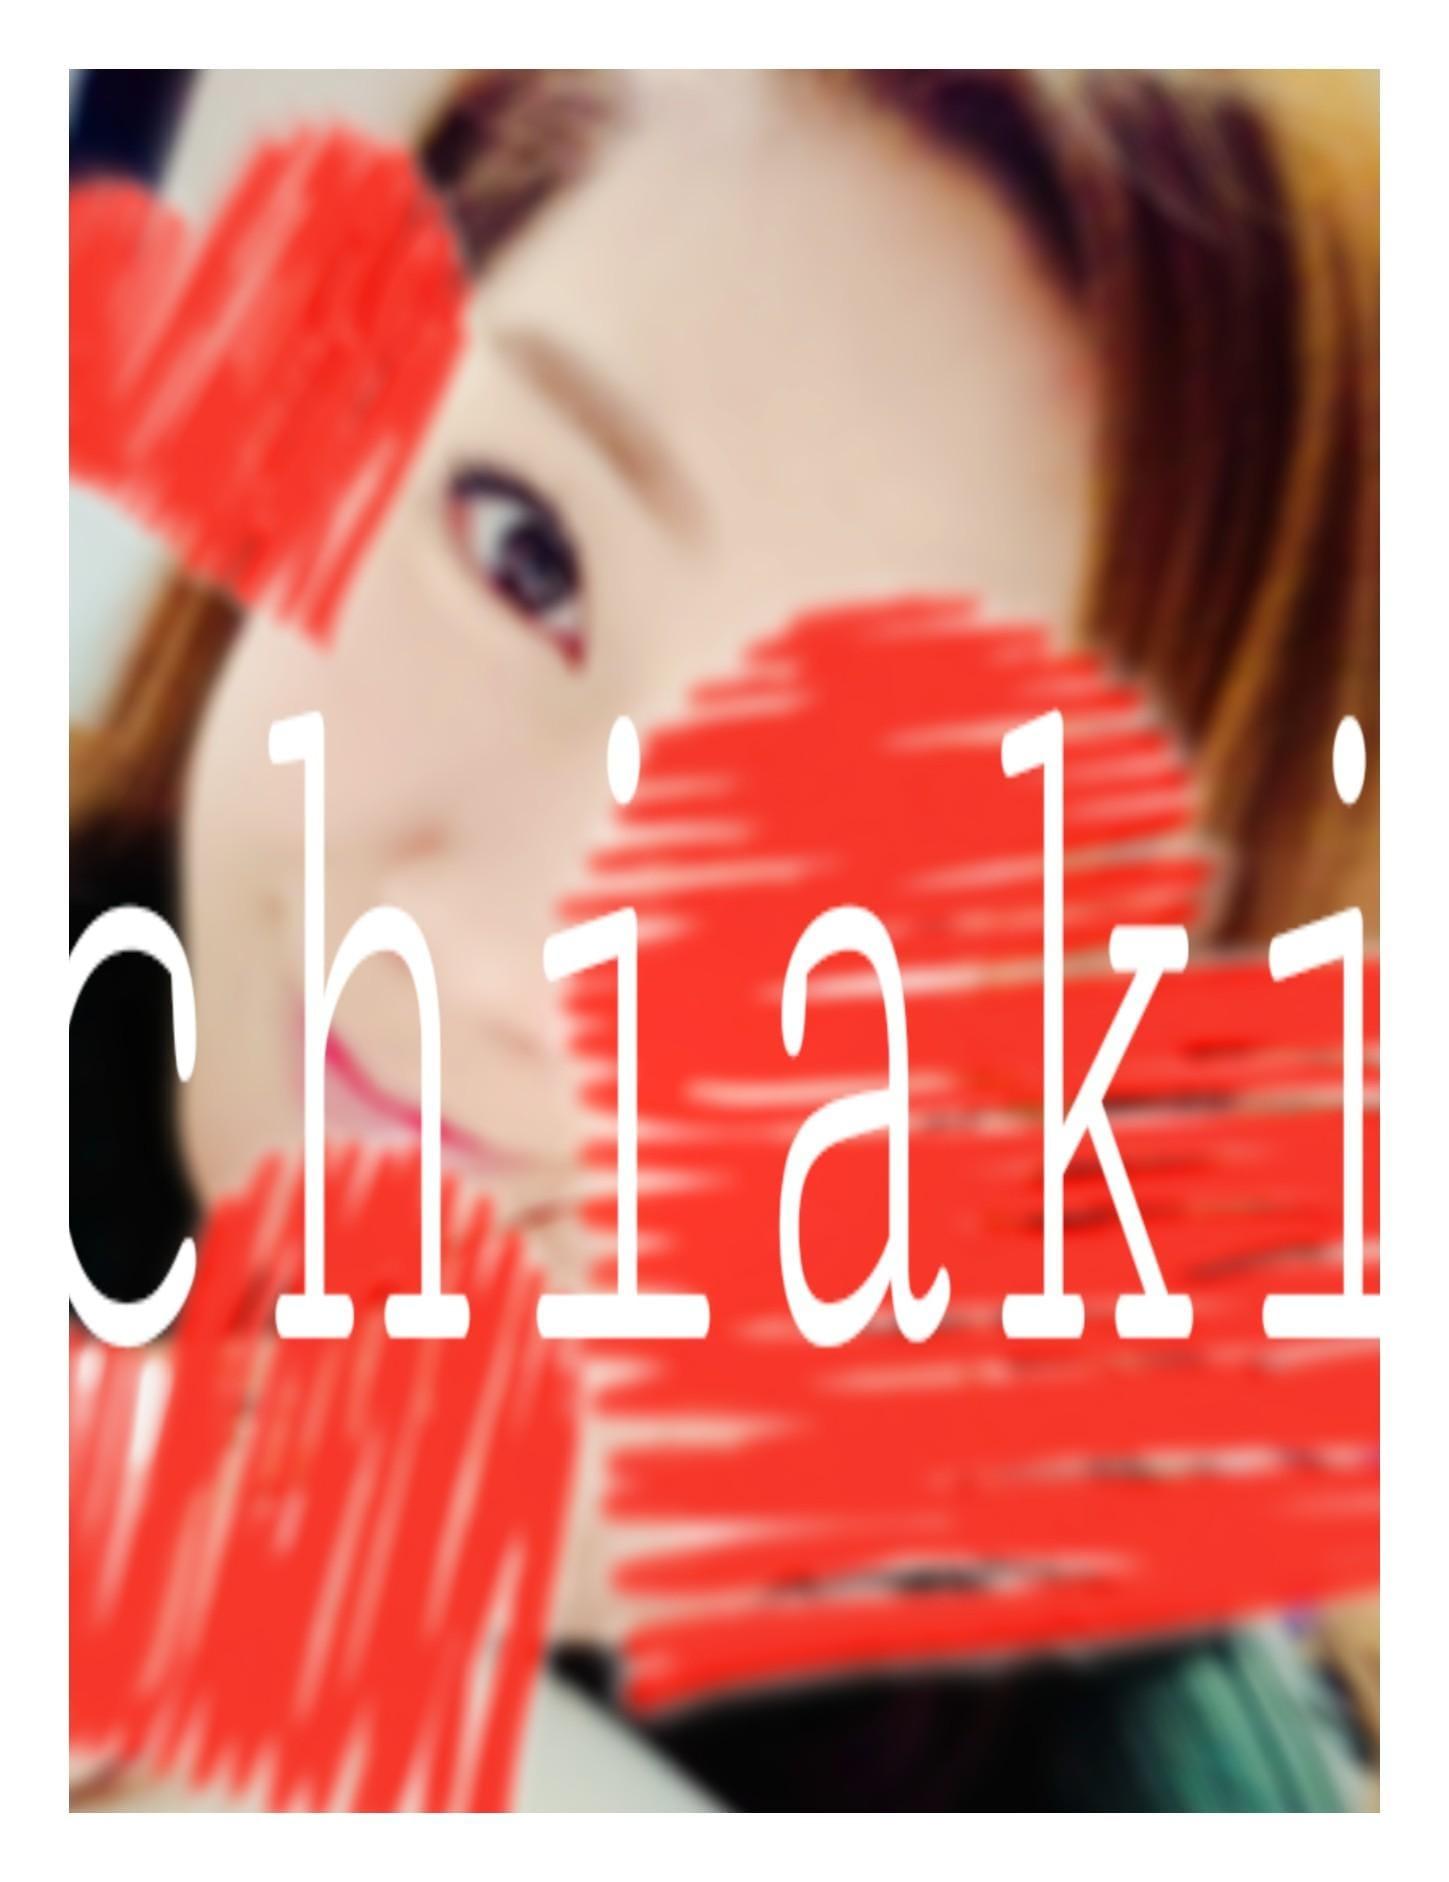 「週末の出勤予定♪」12/07(12/07) 20:04 | ちあきの写メ・風俗動画